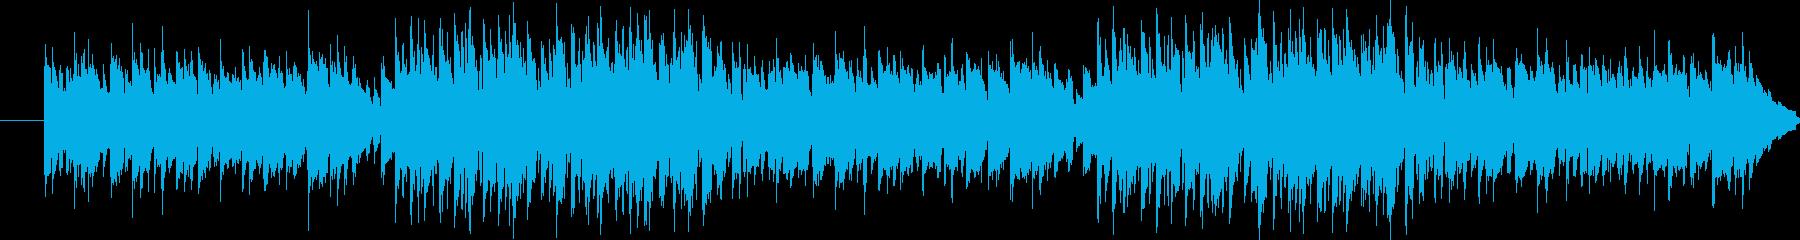 サンフランシスコのファーマーズマーケッ…の再生済みの波形